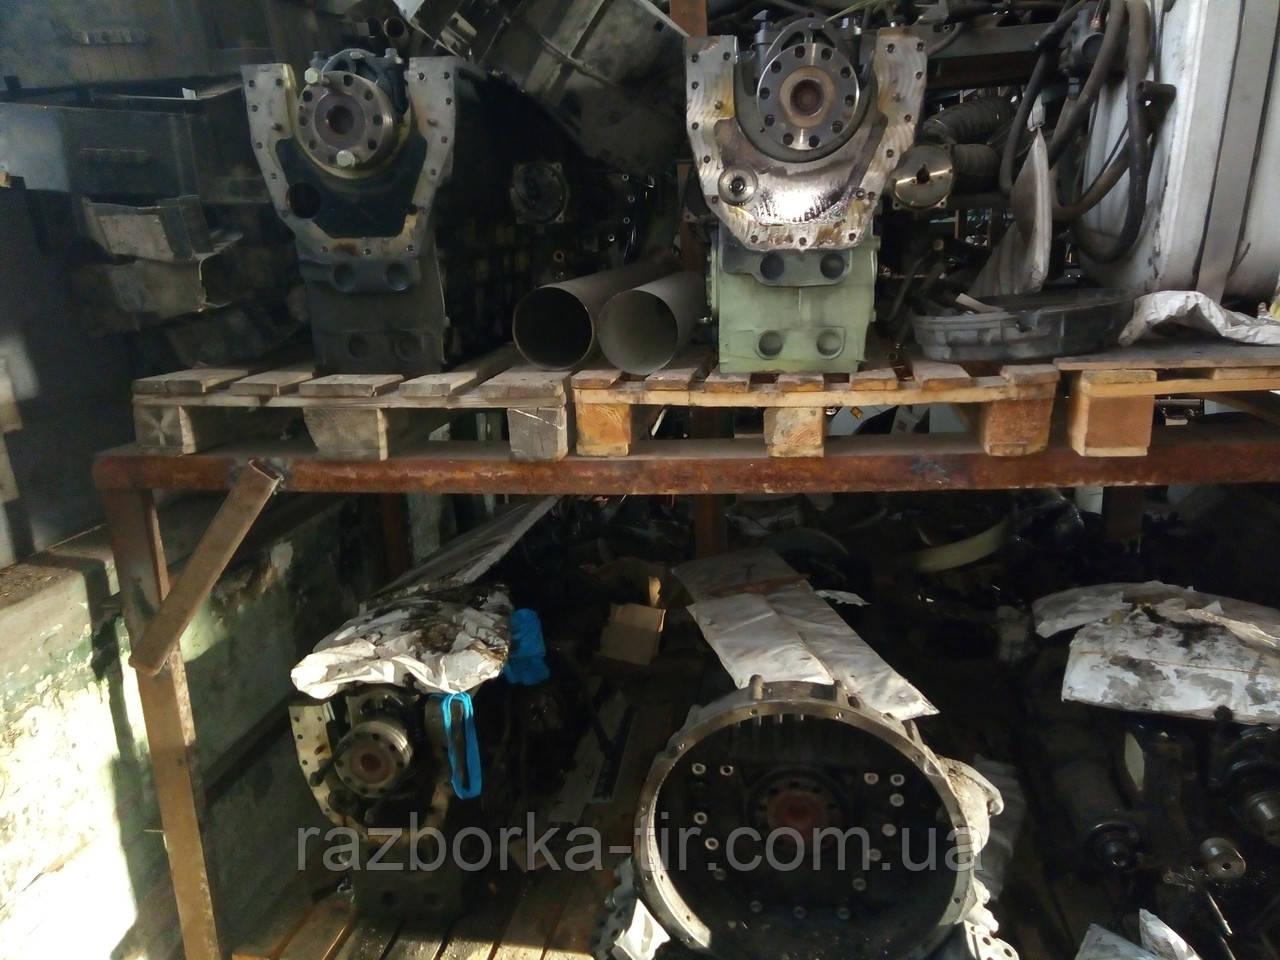 Блок двигателя Daf евро-5